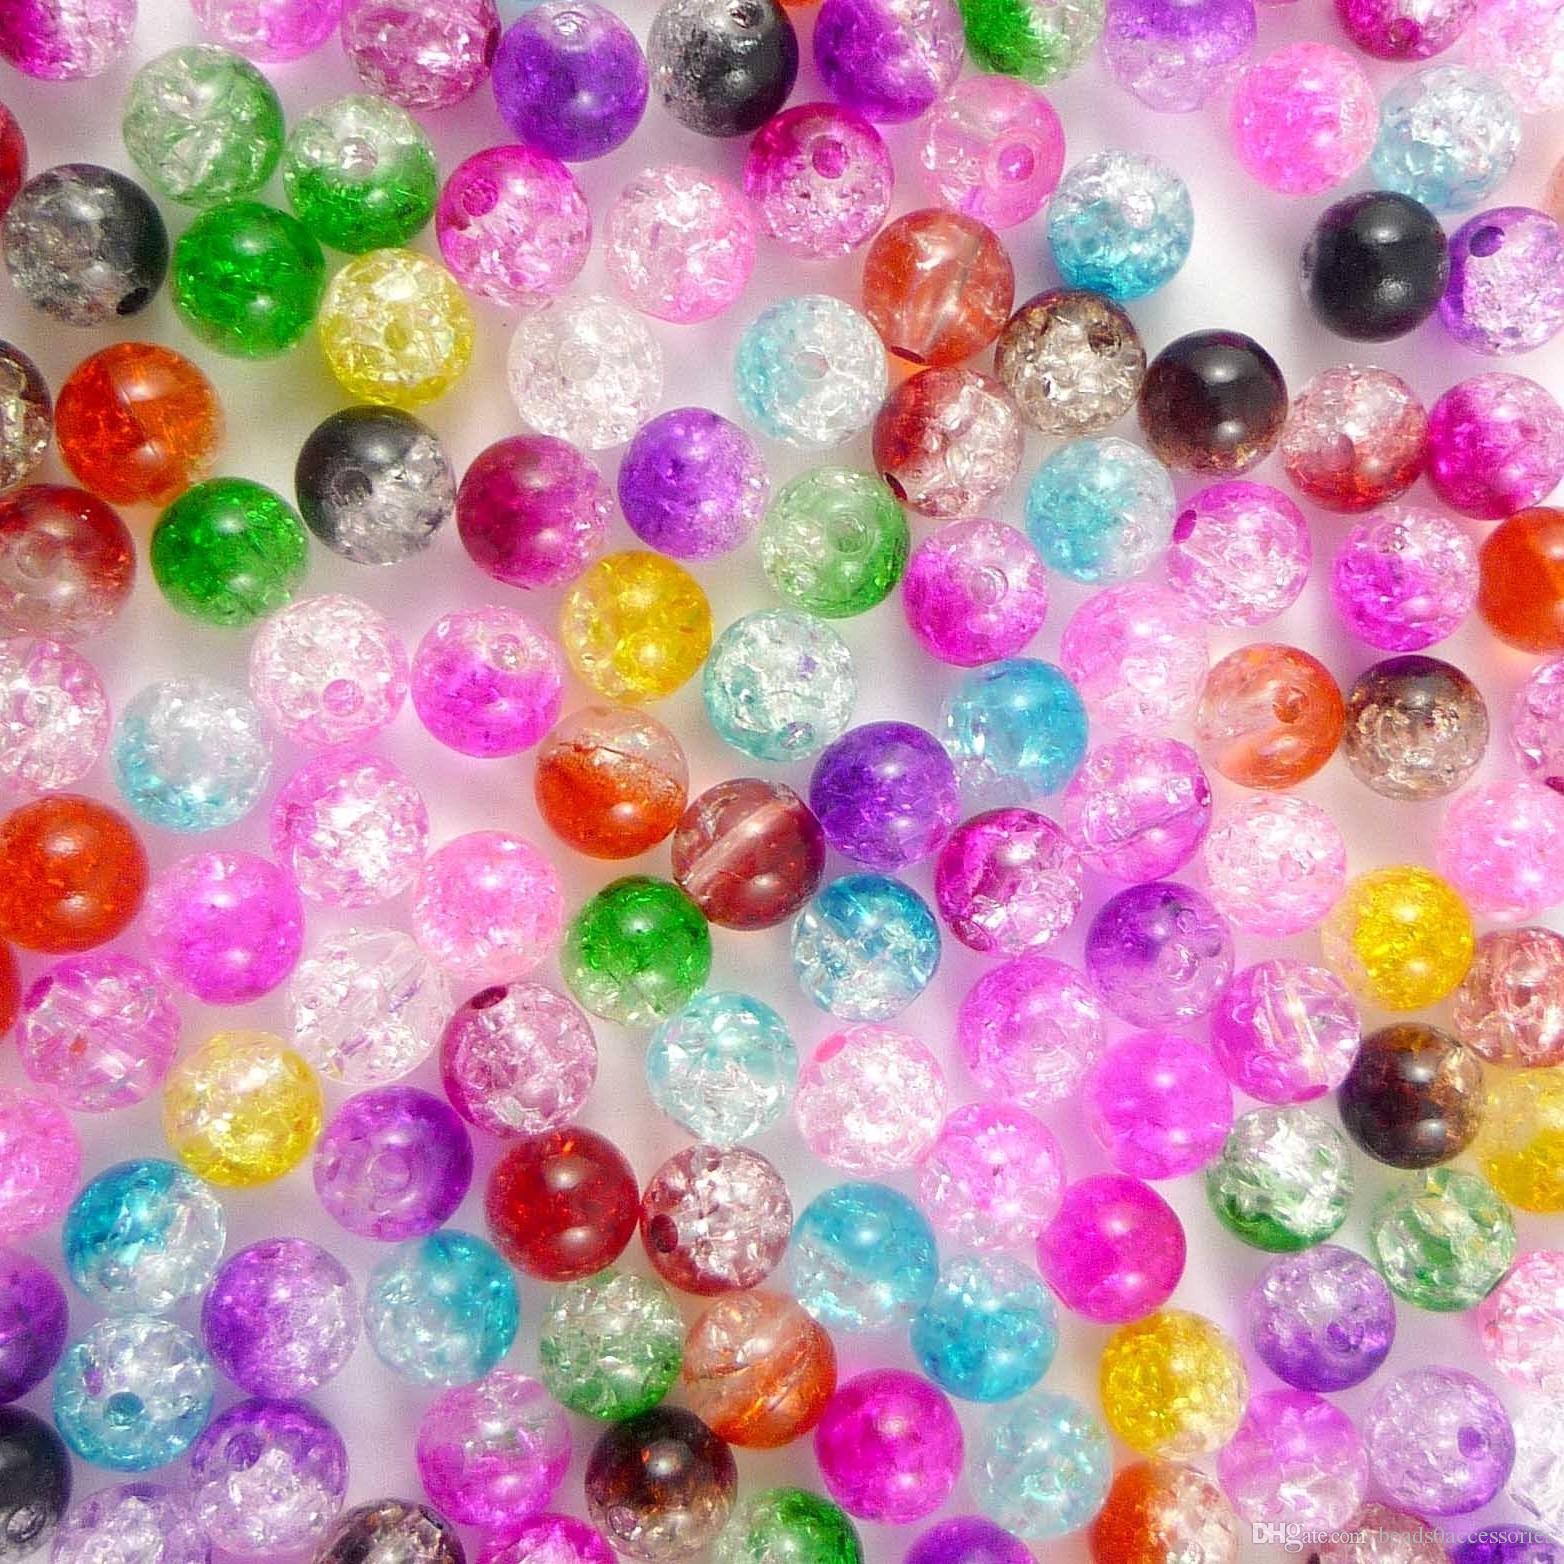 100 unids multicolor de plástico redondo acrílico Beads Craft Kids Jewelry Making 6 mm acrílico